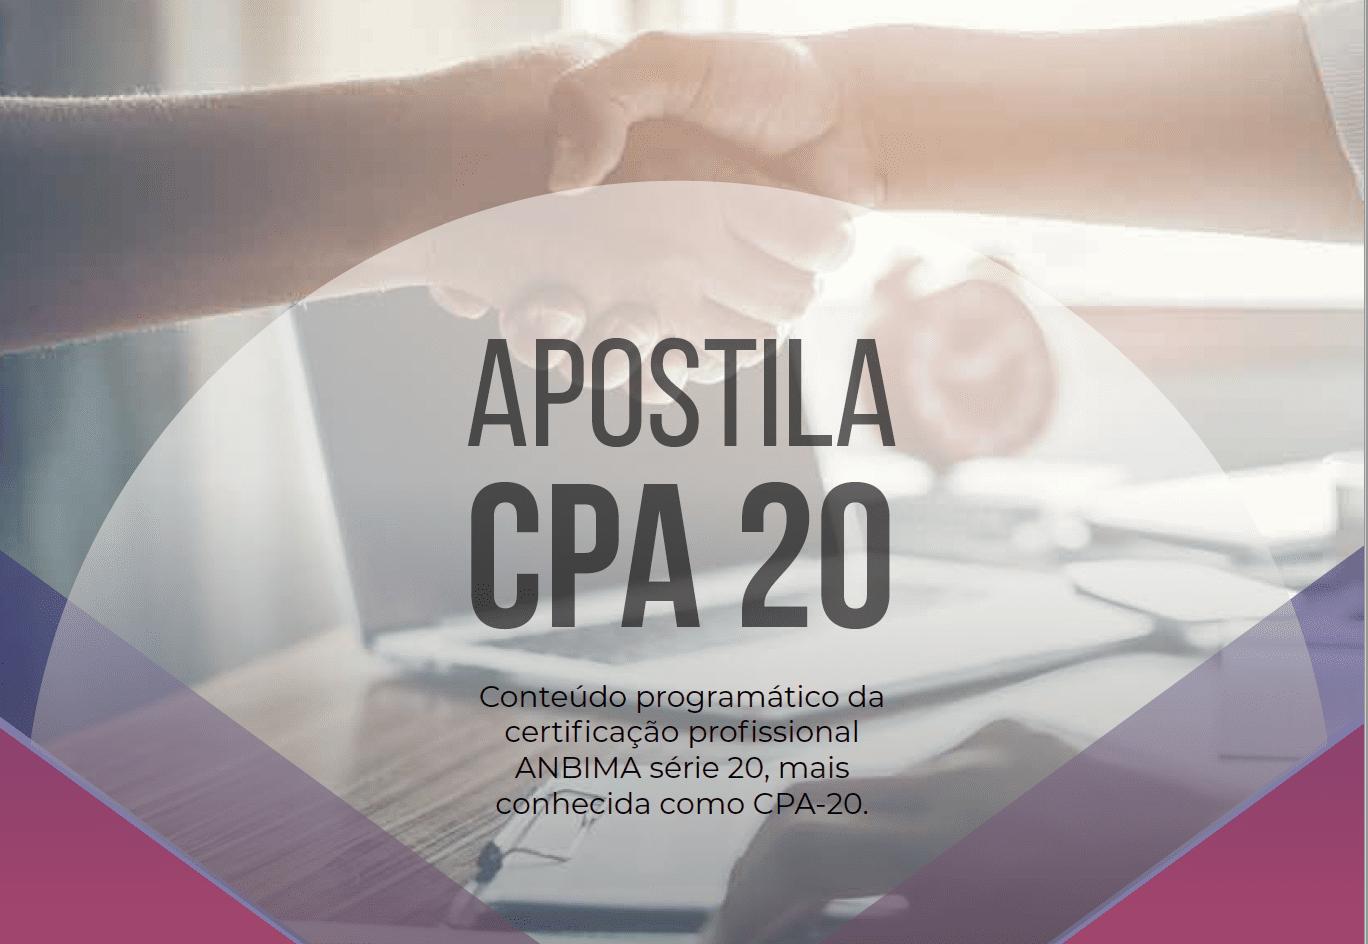 Apostila CPA 20 - Completa e Gratuita da TopInvest Educação Financeira